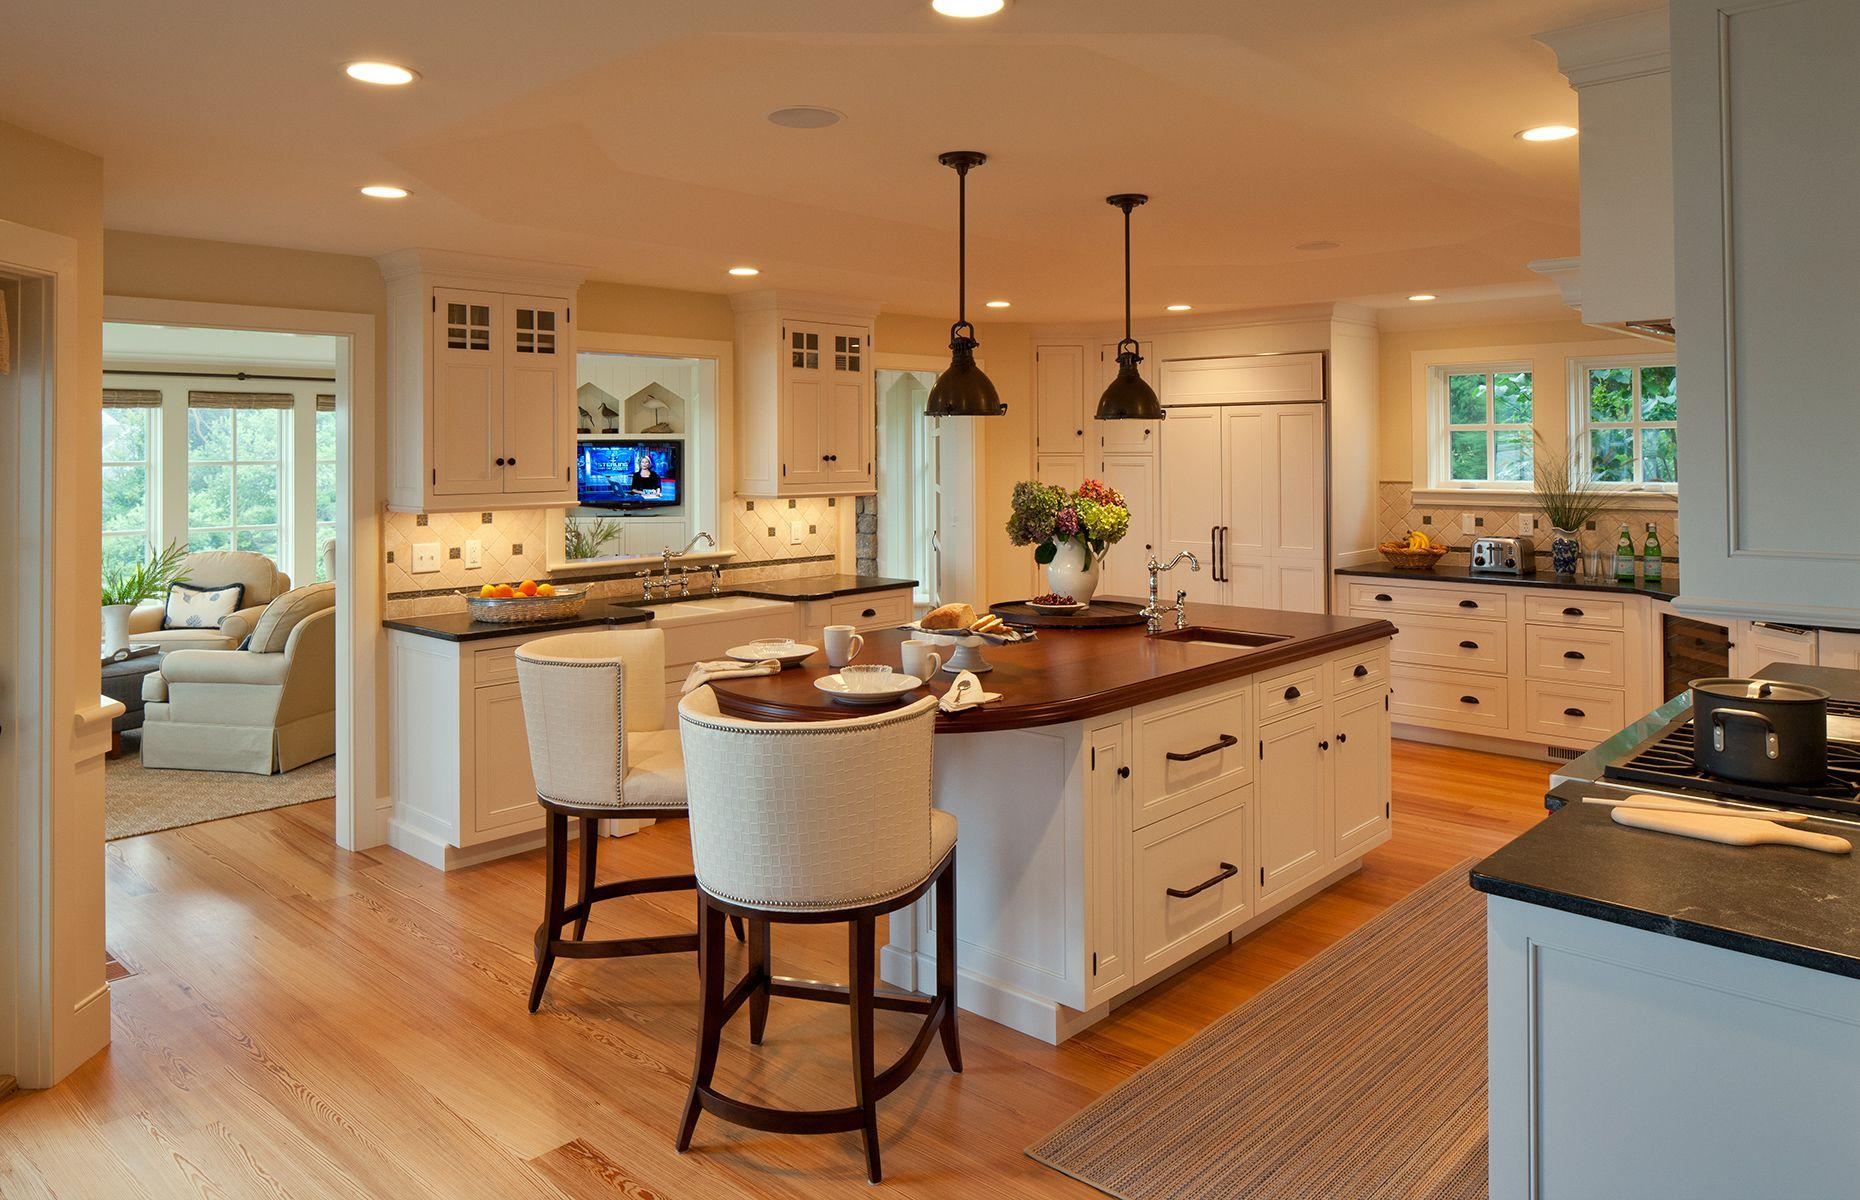 Kitchens « Classic Kitchen & Interiors   desert dreaming ...